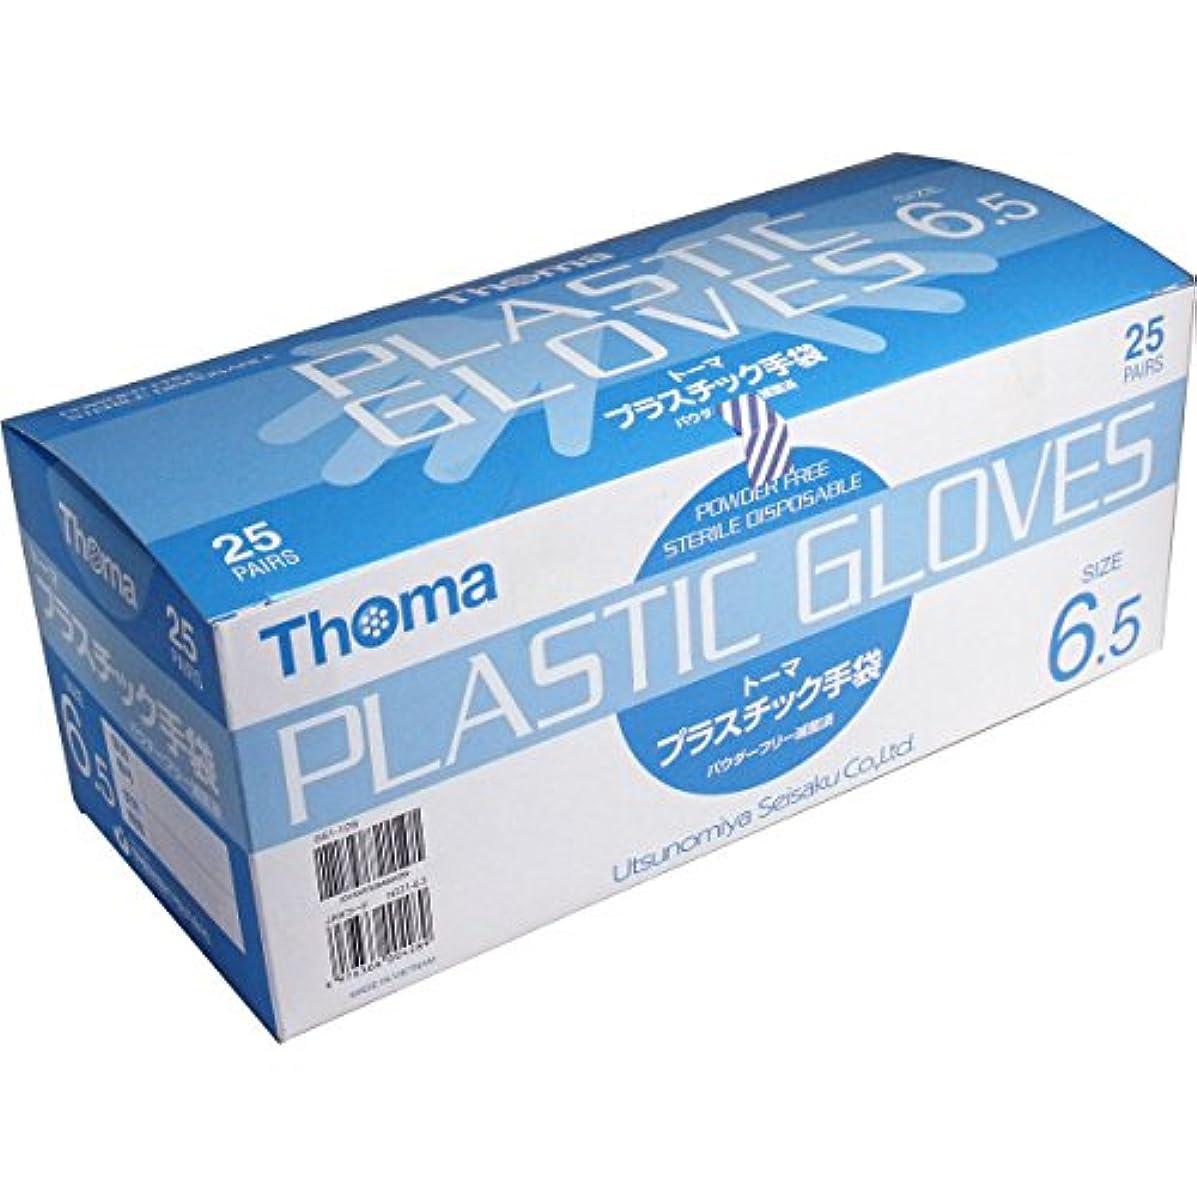 スノーケルキルスに超薄手プラスチック手袋 1双毎に滅菌包装、衛生的 便利 トーマ プラスチック手袋 パウダーフリー滅菌済 25双入 サイズ6.5【3個セット】